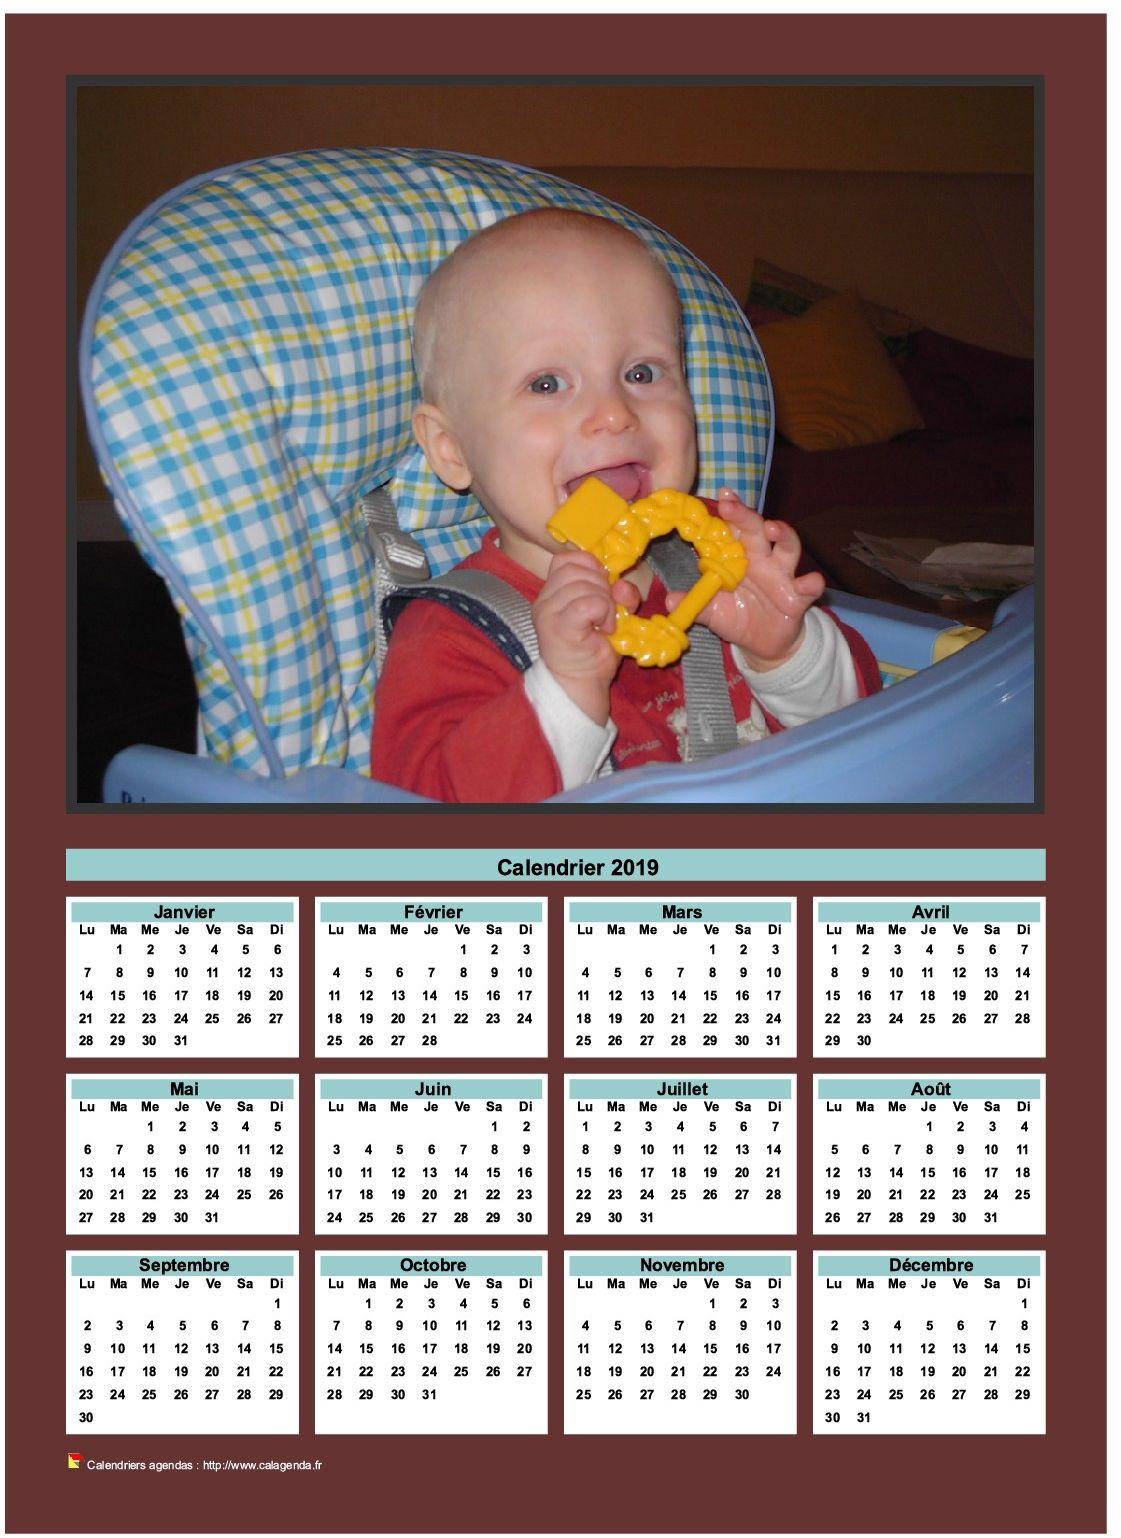 Calendrier 2019 annuel à imprimer avec photo de famille